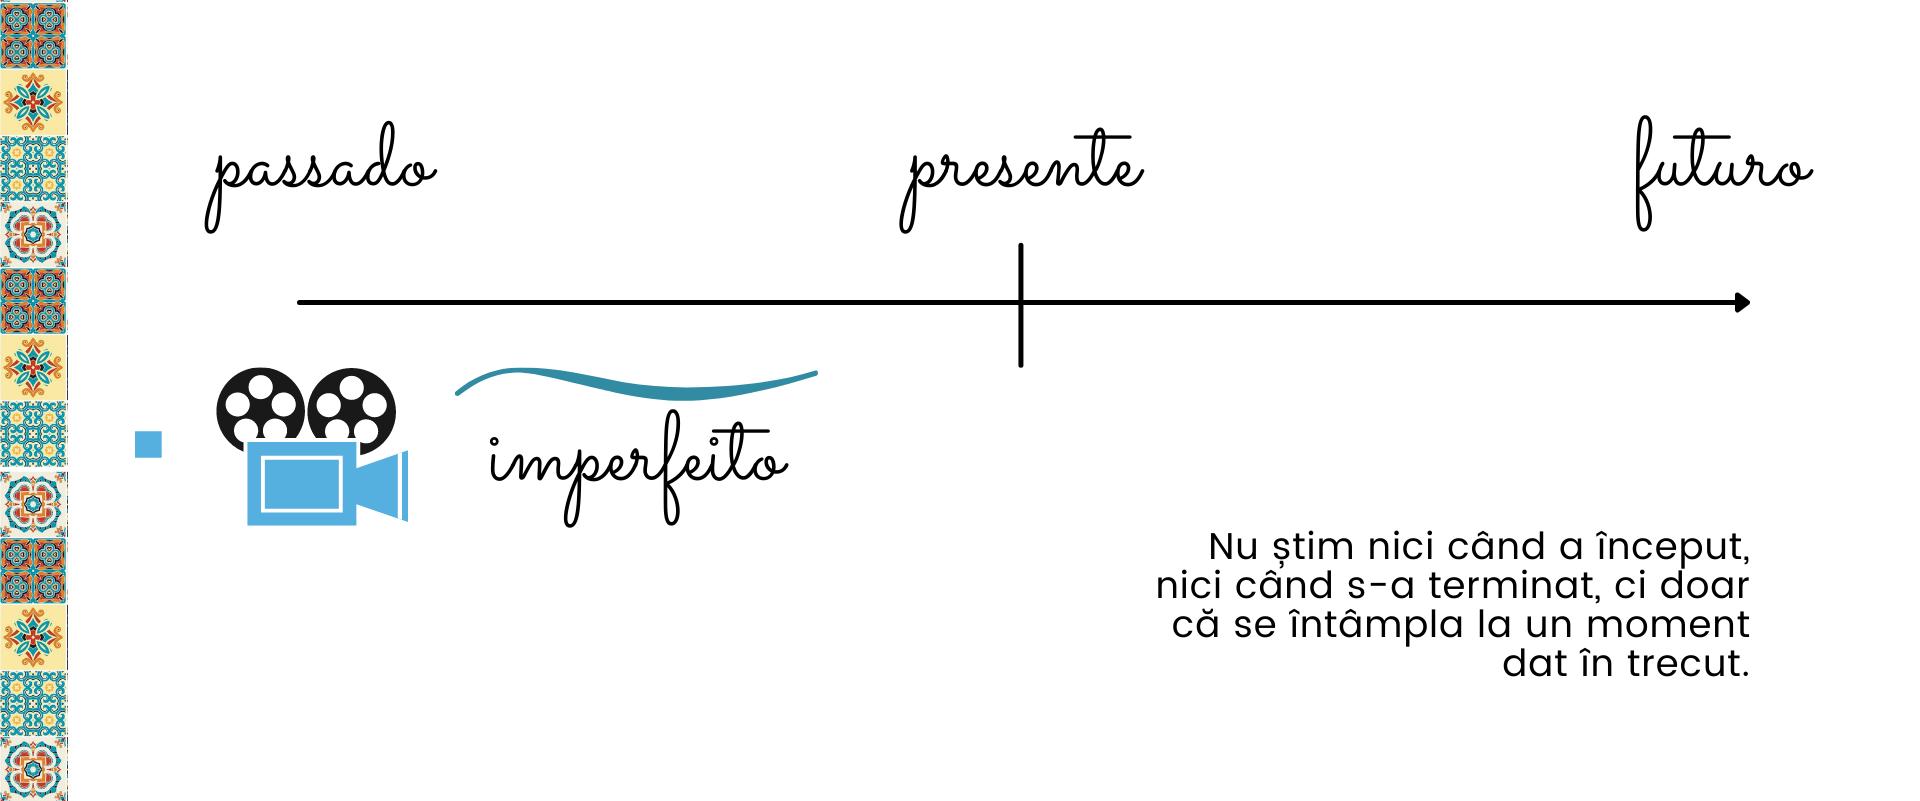 imperfectul in limba portugheza